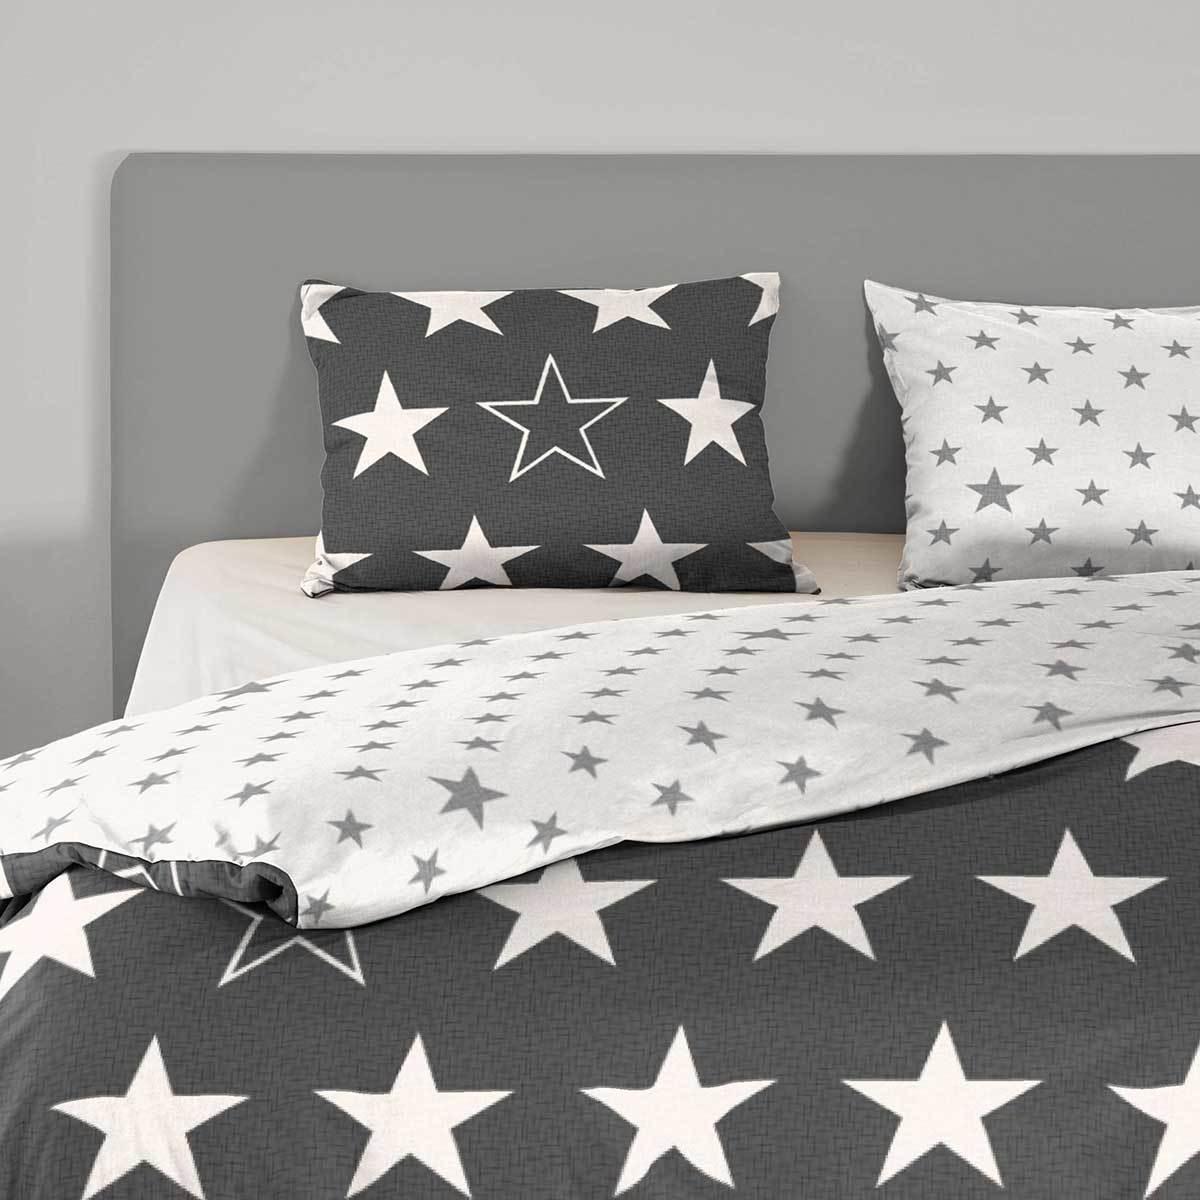 good morning flanell bettw sche sterne g nstig online kaufen bei bettwaren shop. Black Bedroom Furniture Sets. Home Design Ideas